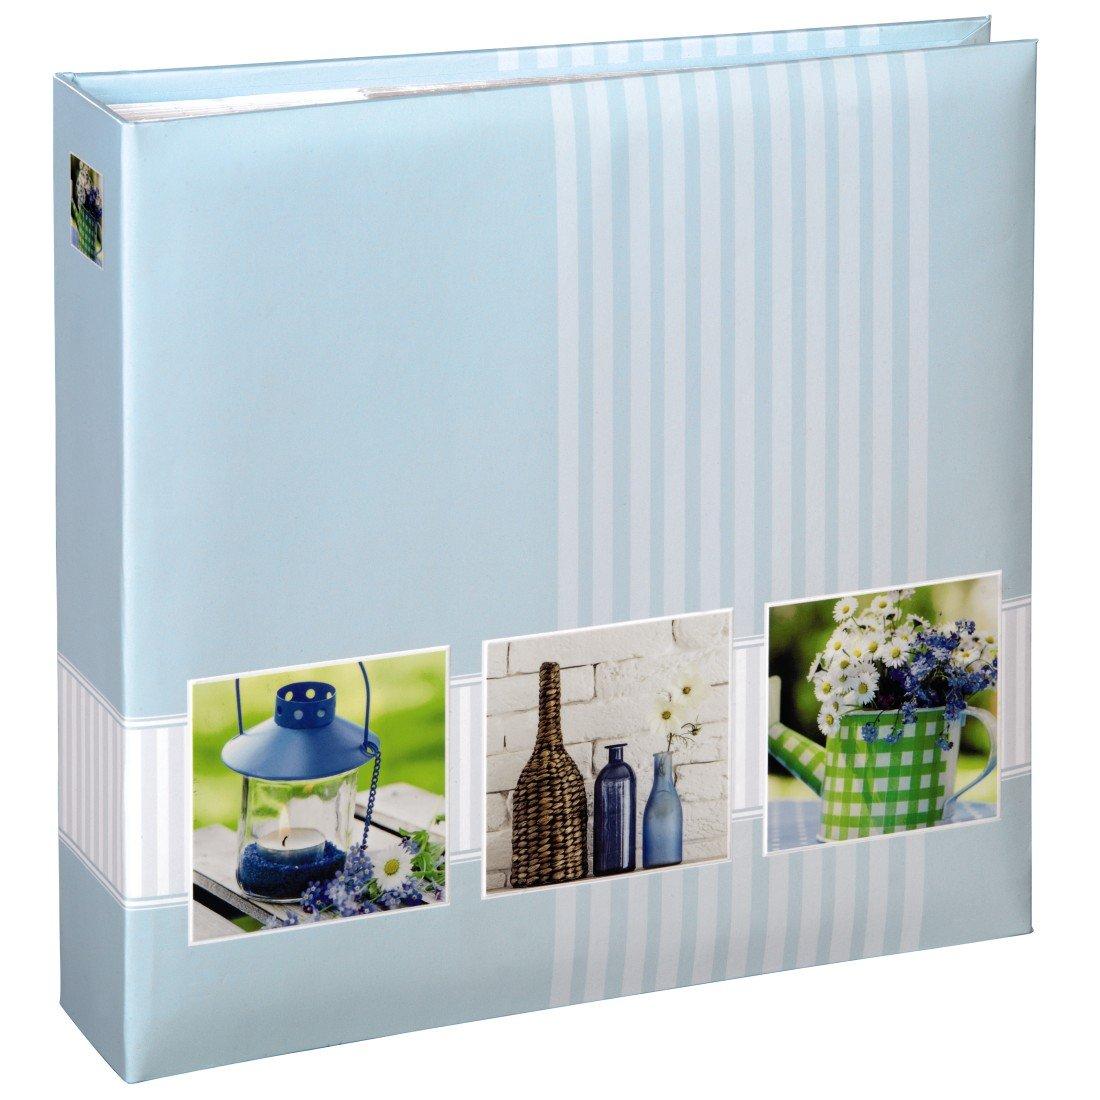 Hama 00001848 Turquesa y álbum de Foto y Turquesa Protector - Álbum de fotografía (Turquesa, 200 Hojas, 10 x 15 cm, 225 mm, 225 mm) 0afcb1